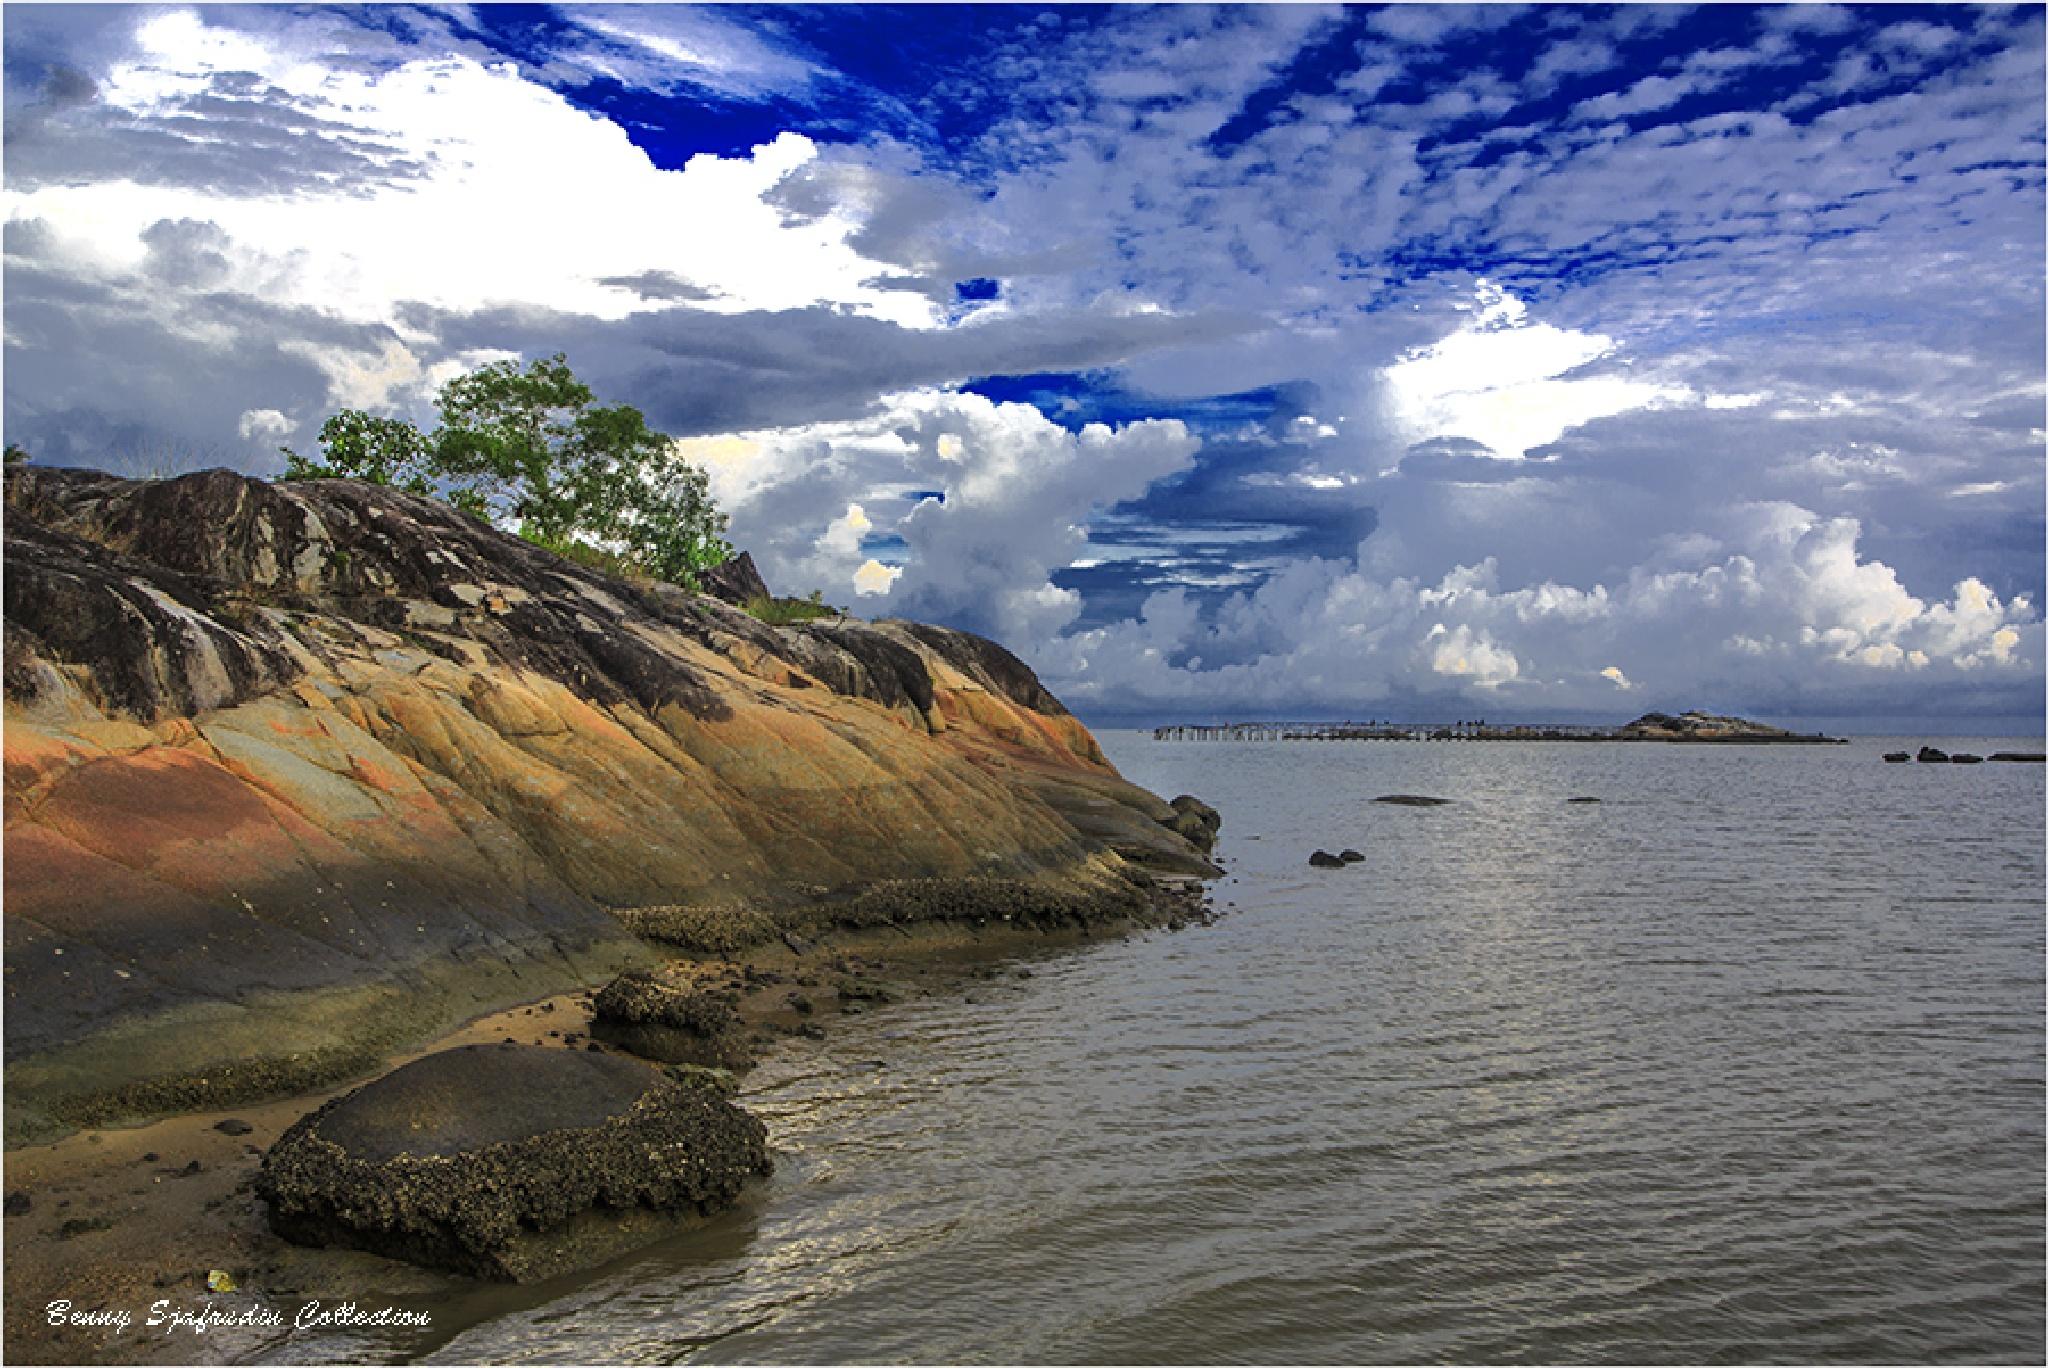 Landscape by bennysjafrudin